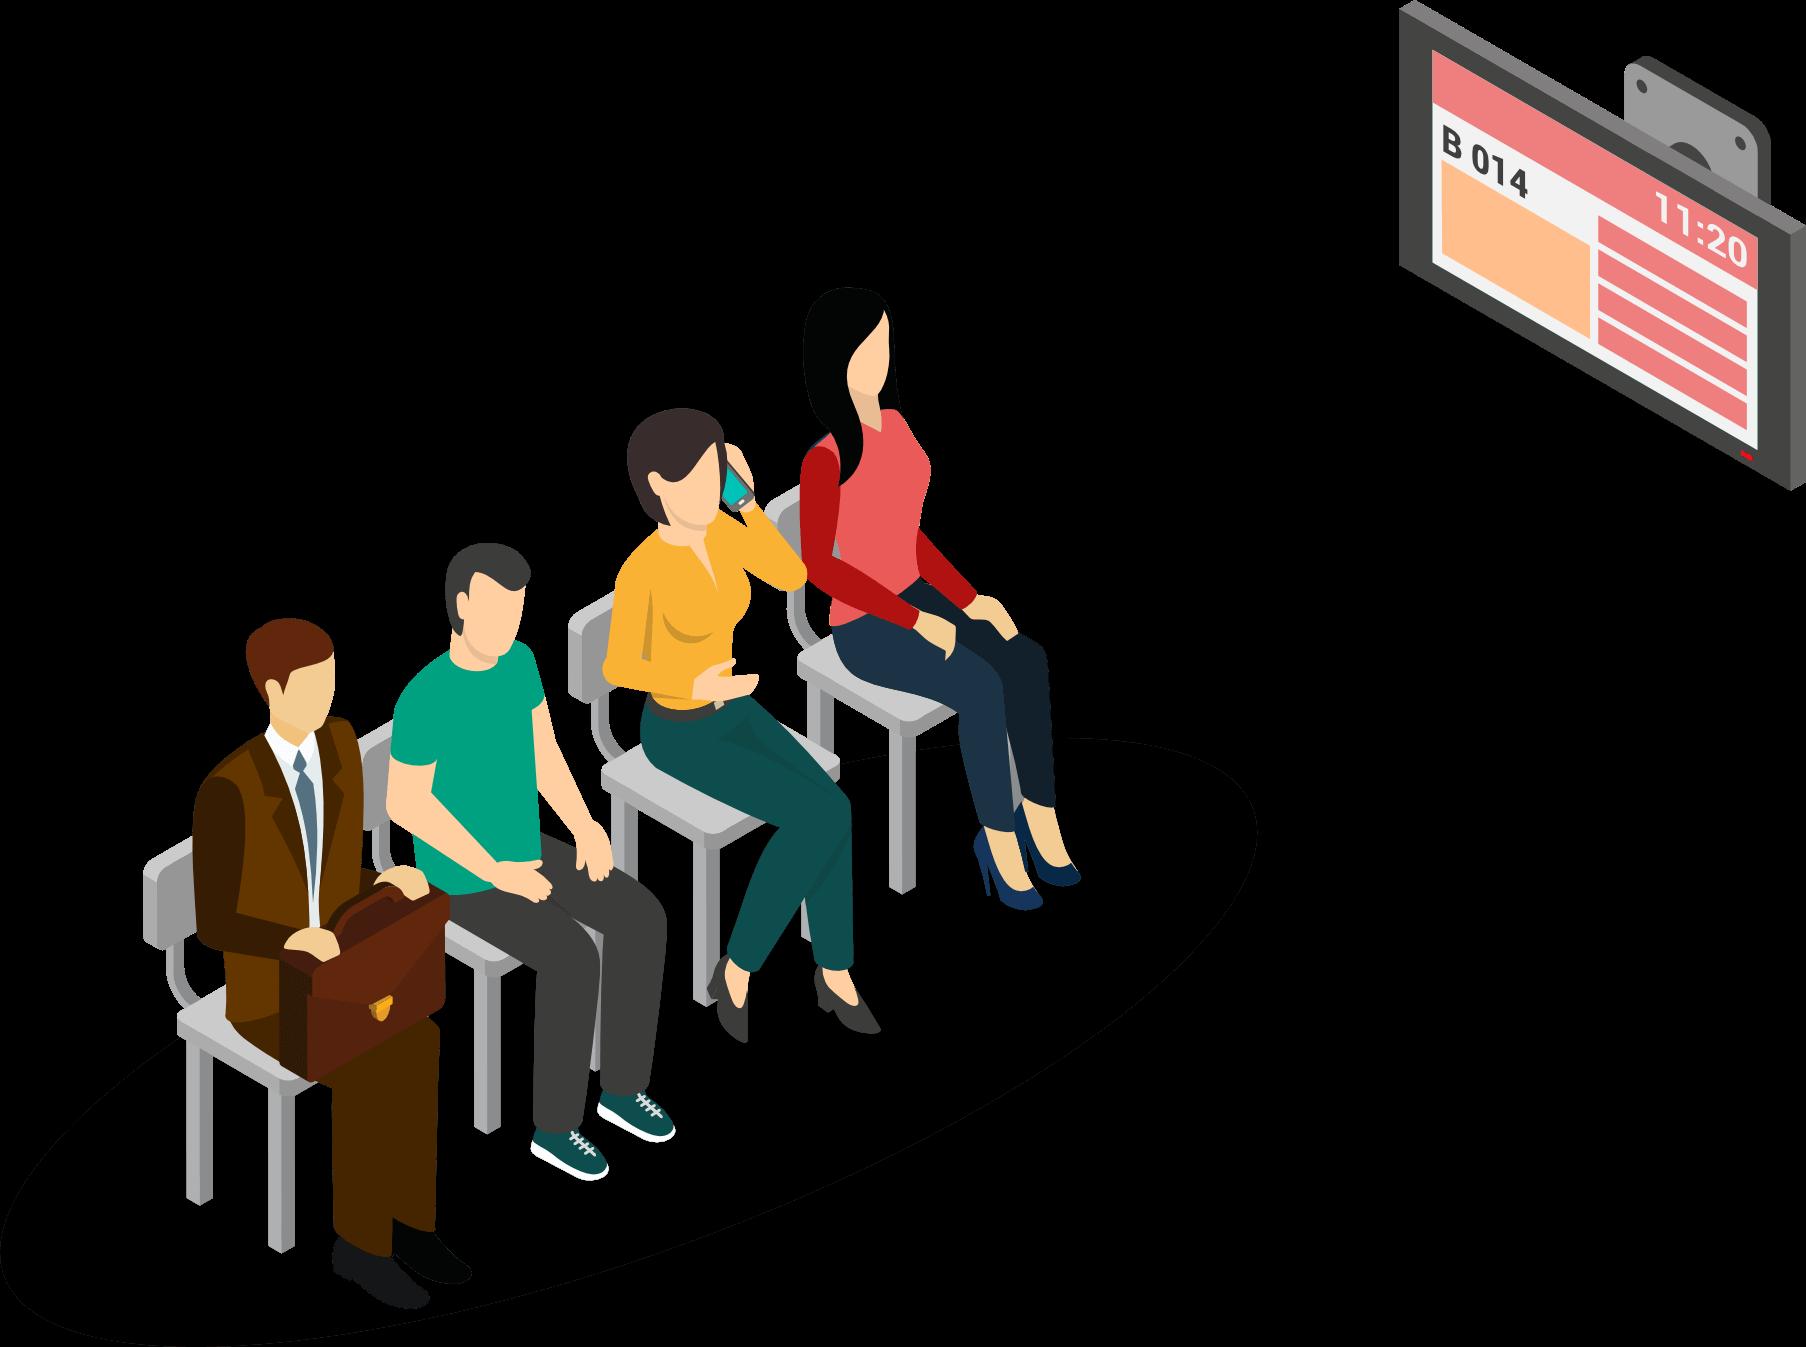 Waiting lines and queue managament